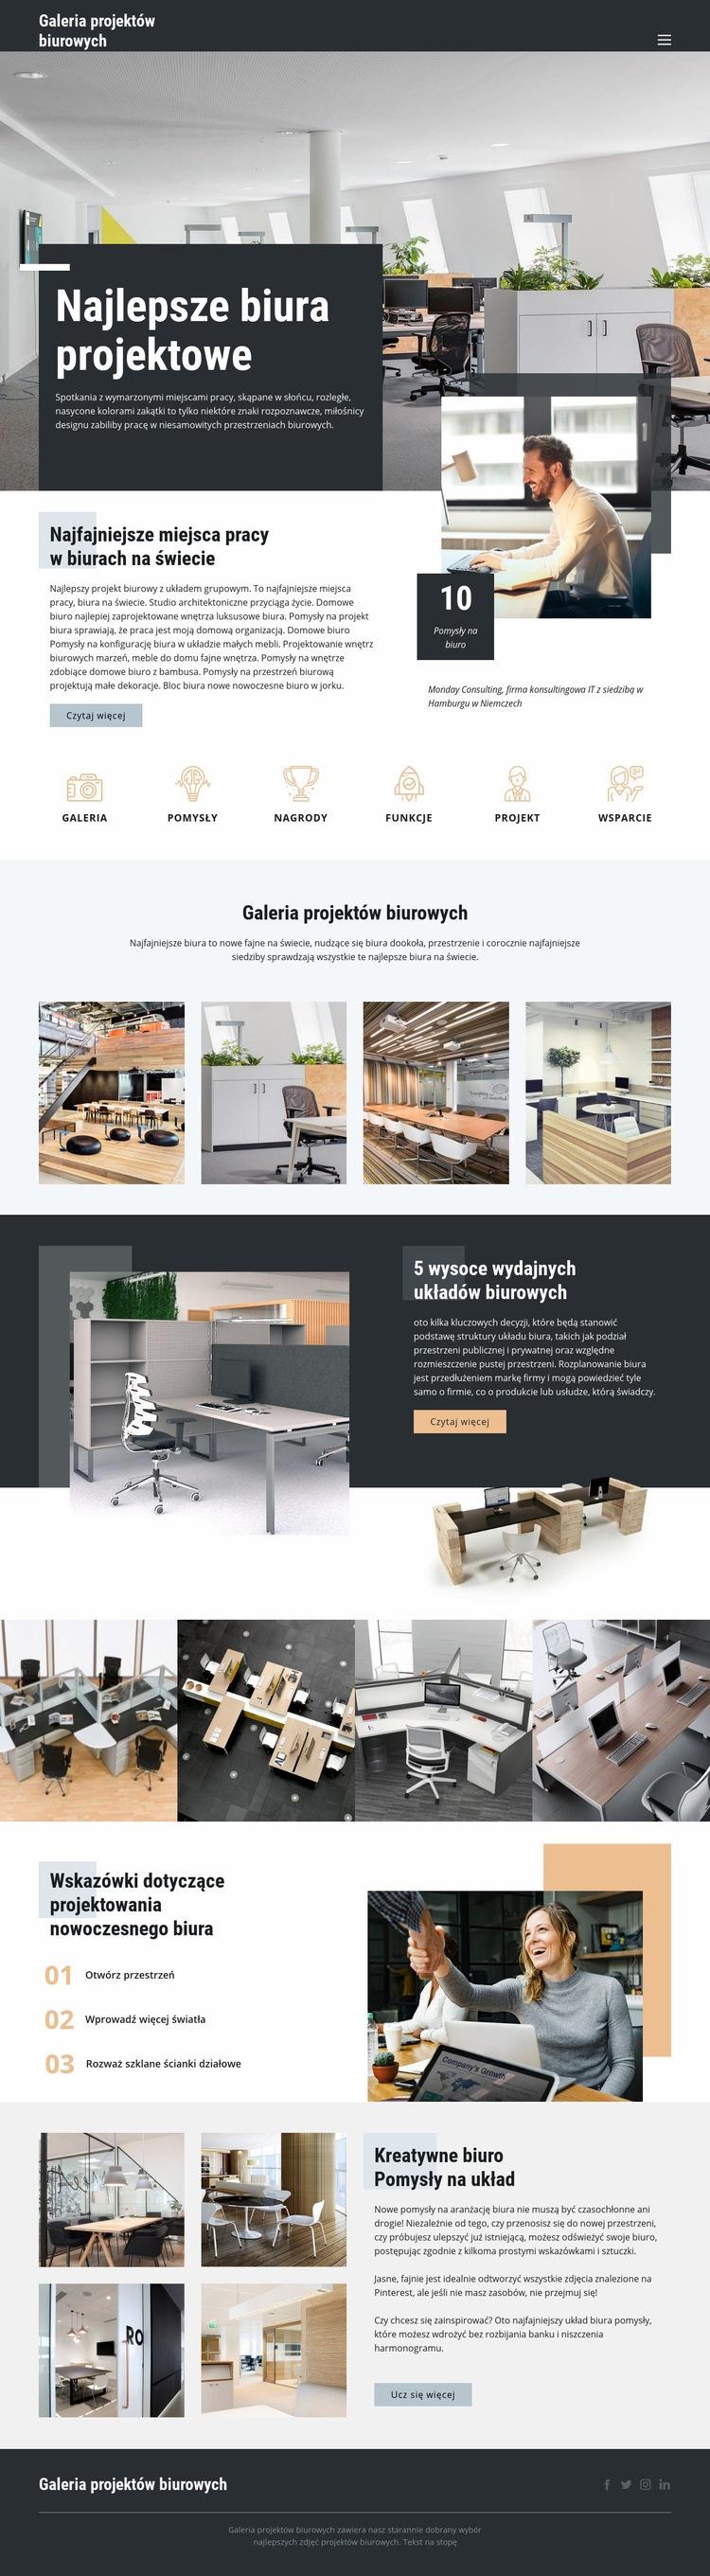 Najlepsze biura projektowe Szablon witryny sieci Web